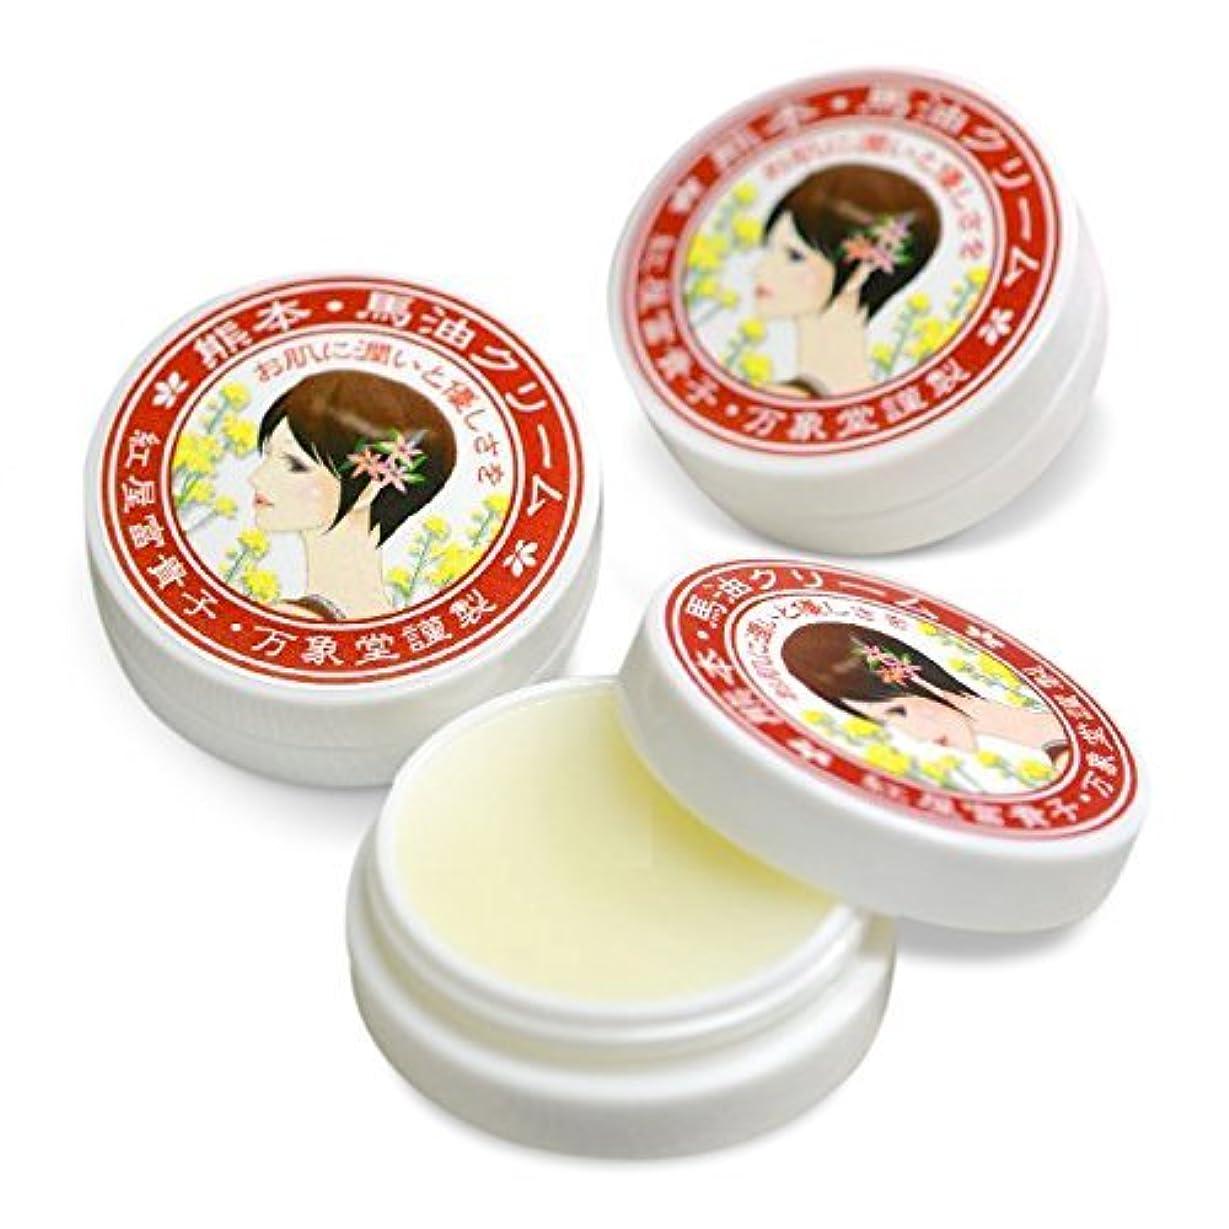 民族主義放つ結婚した森羅万象堂 馬油クリーム 10g×3個 (ラベンダーの香り)精油 アロマ 国産 保湿 スキンクリーム